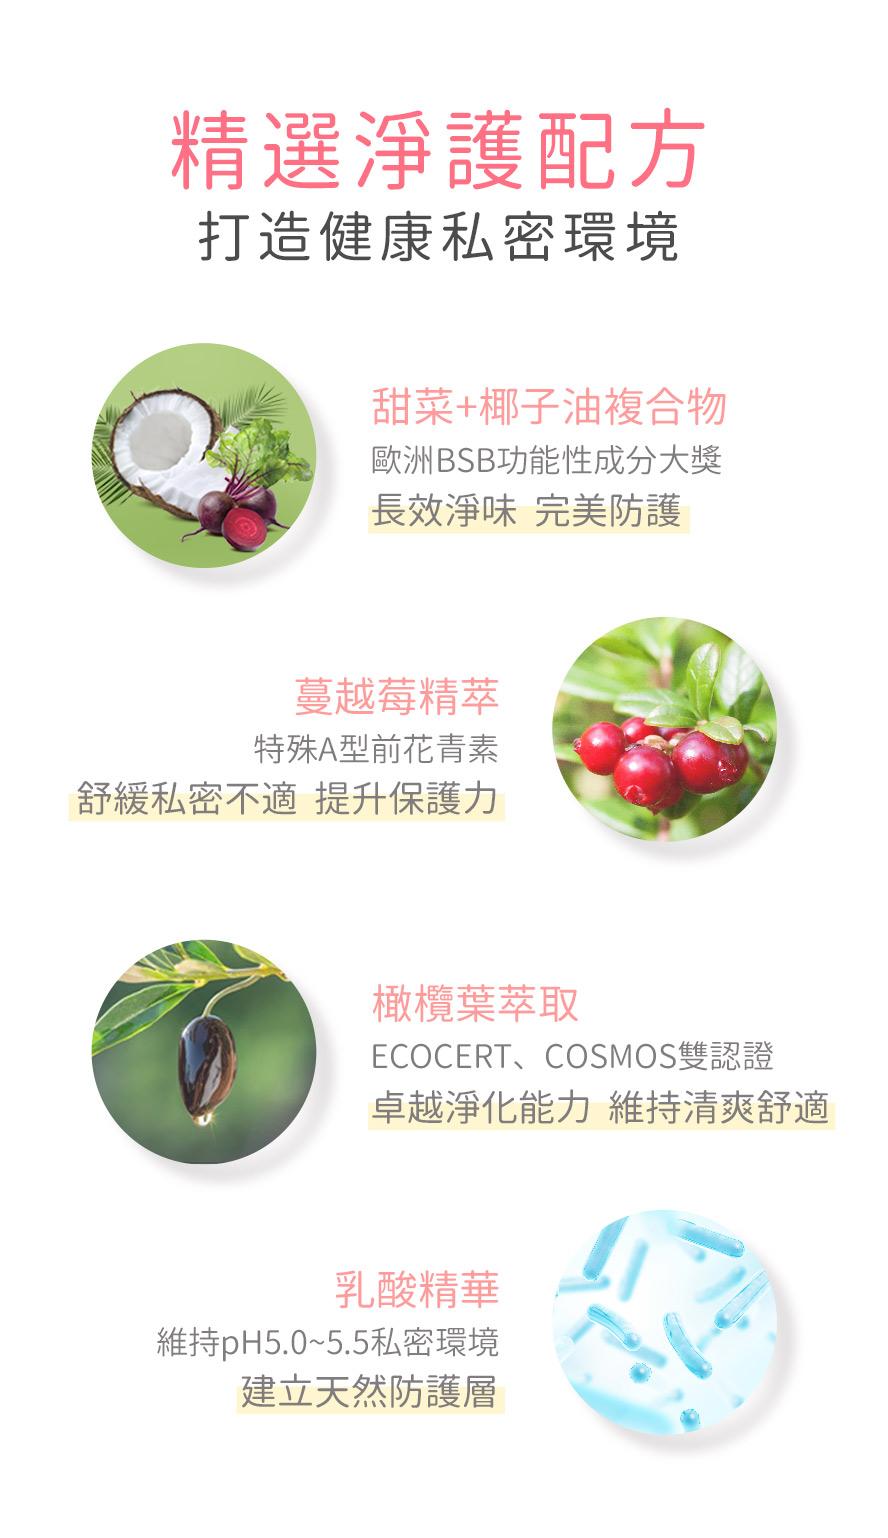 BHKs紅萃私密潔淨慕斯採用天然植萃配方,蔓越莓、橄欖葉、乳酸菌,提升私密肌抵抗力。